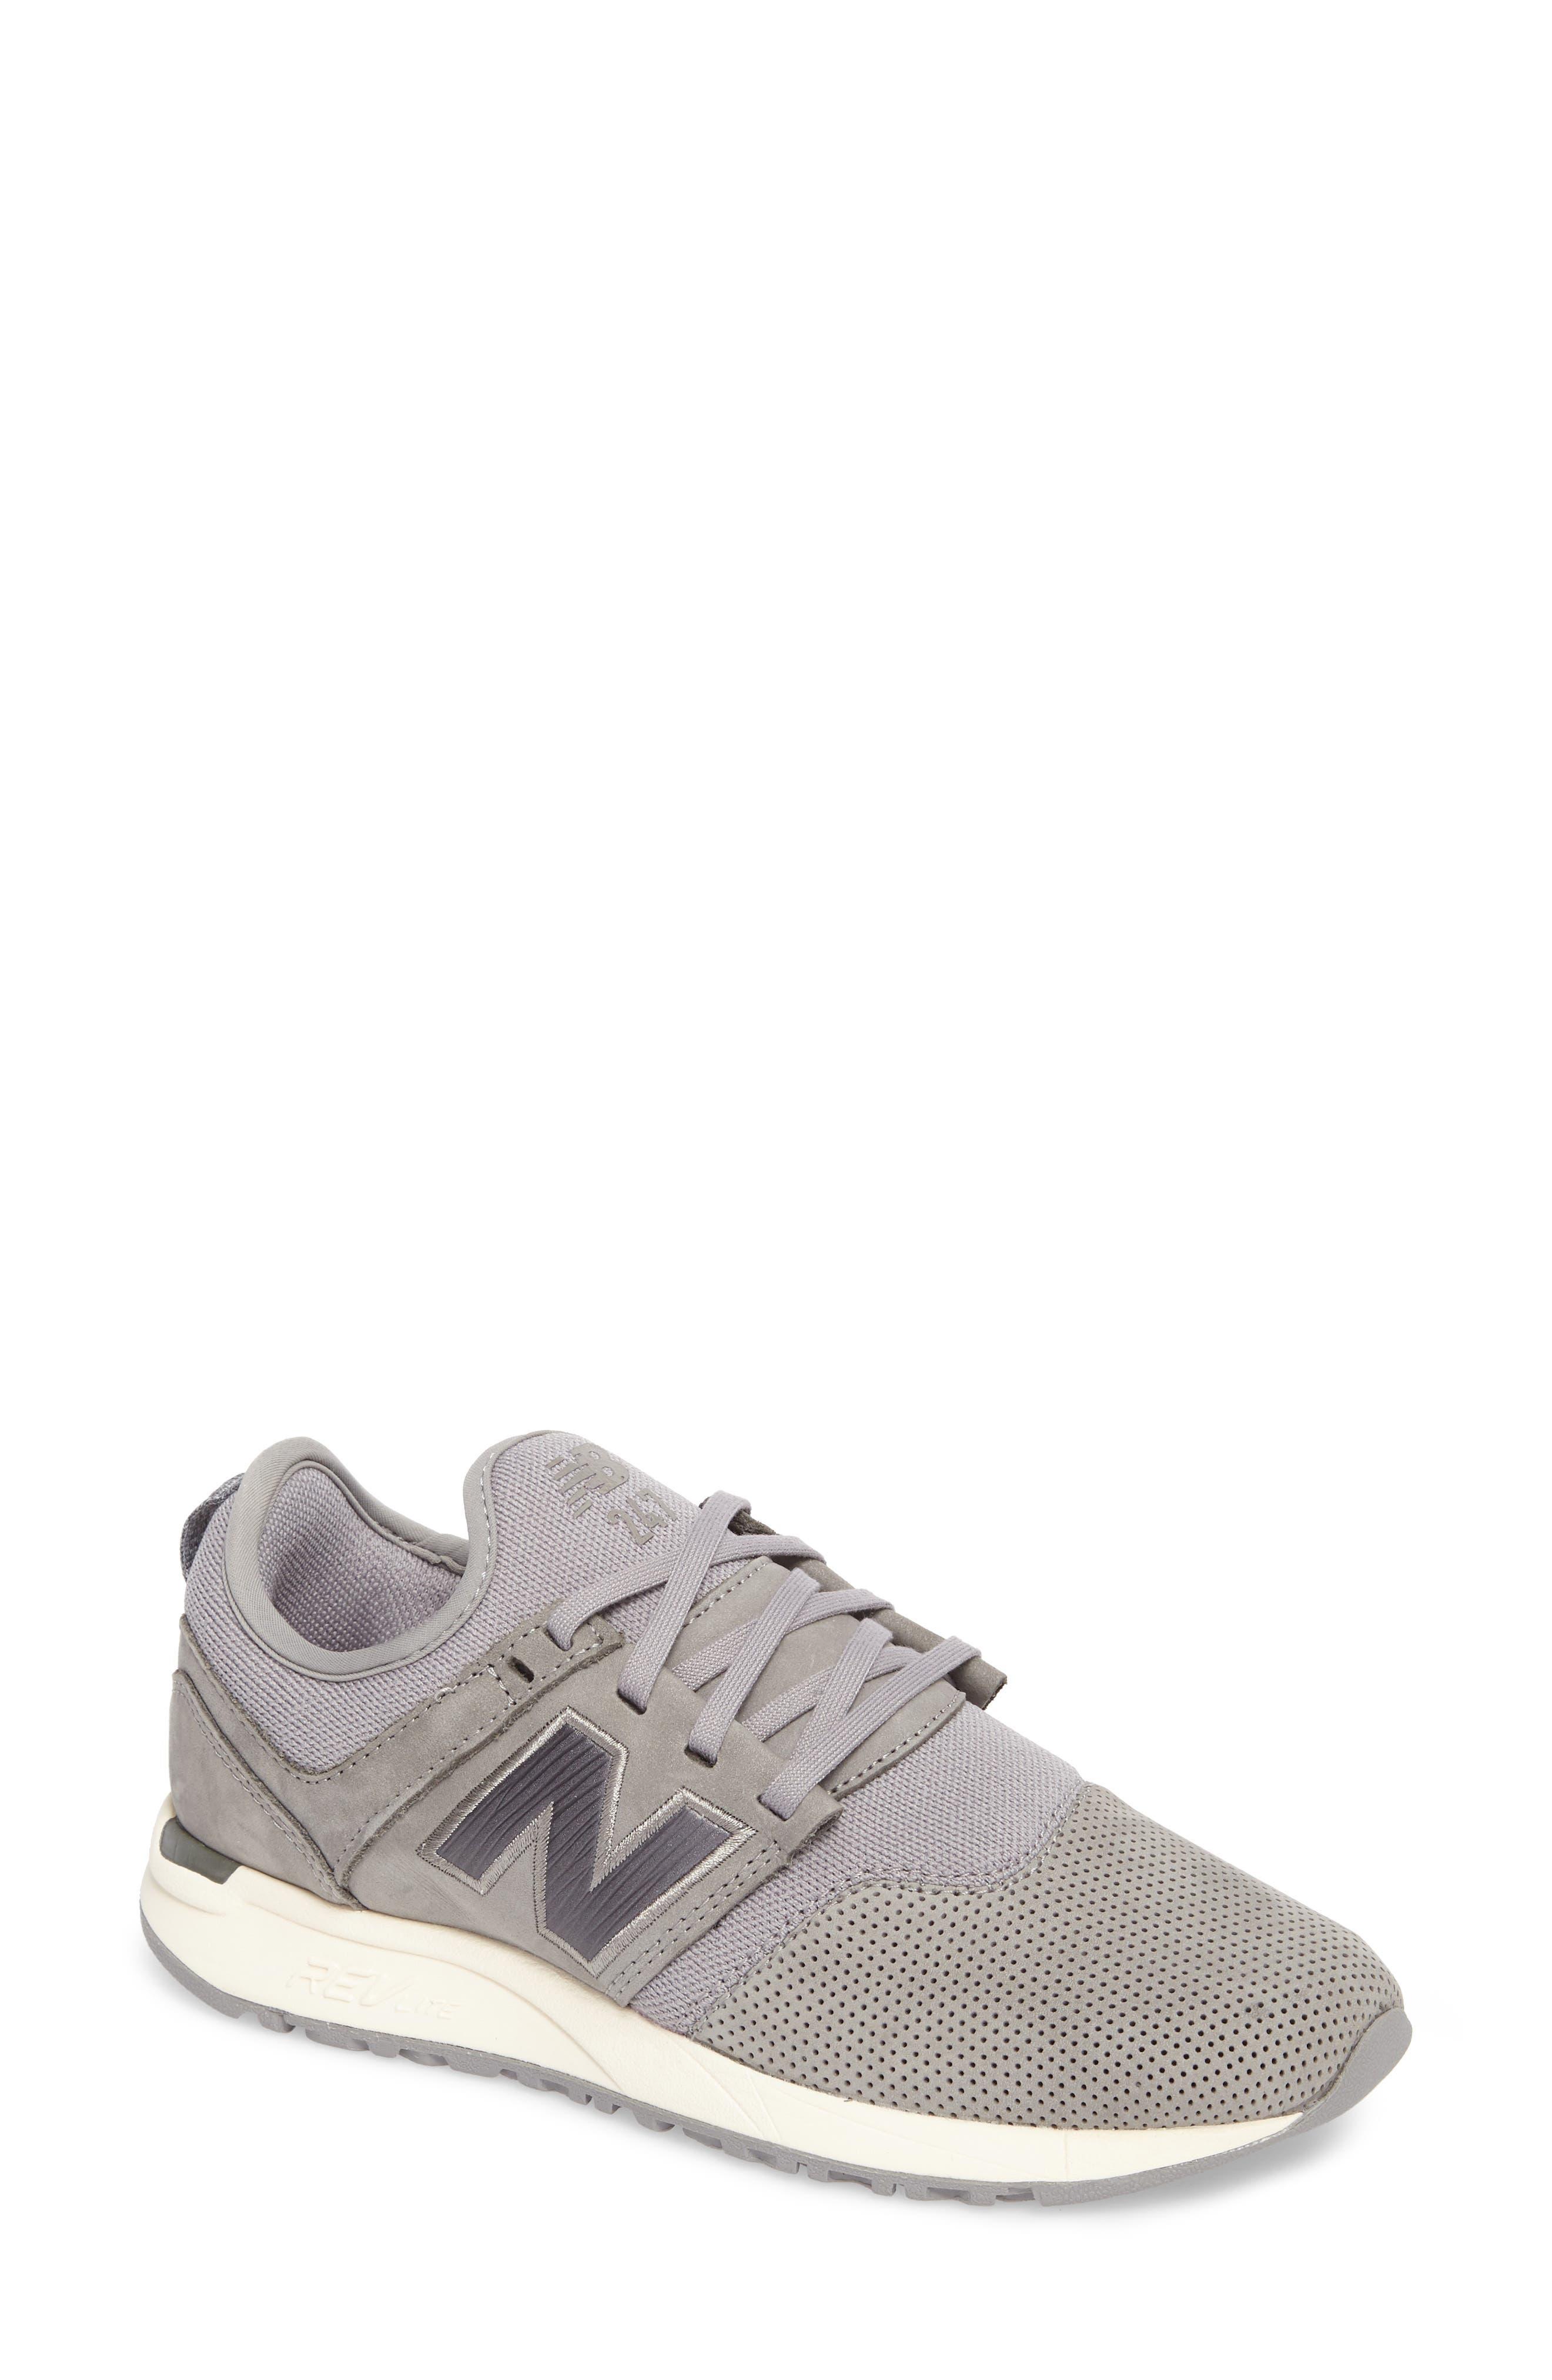 New Balance Sport Style 247 Sneaker (Women)